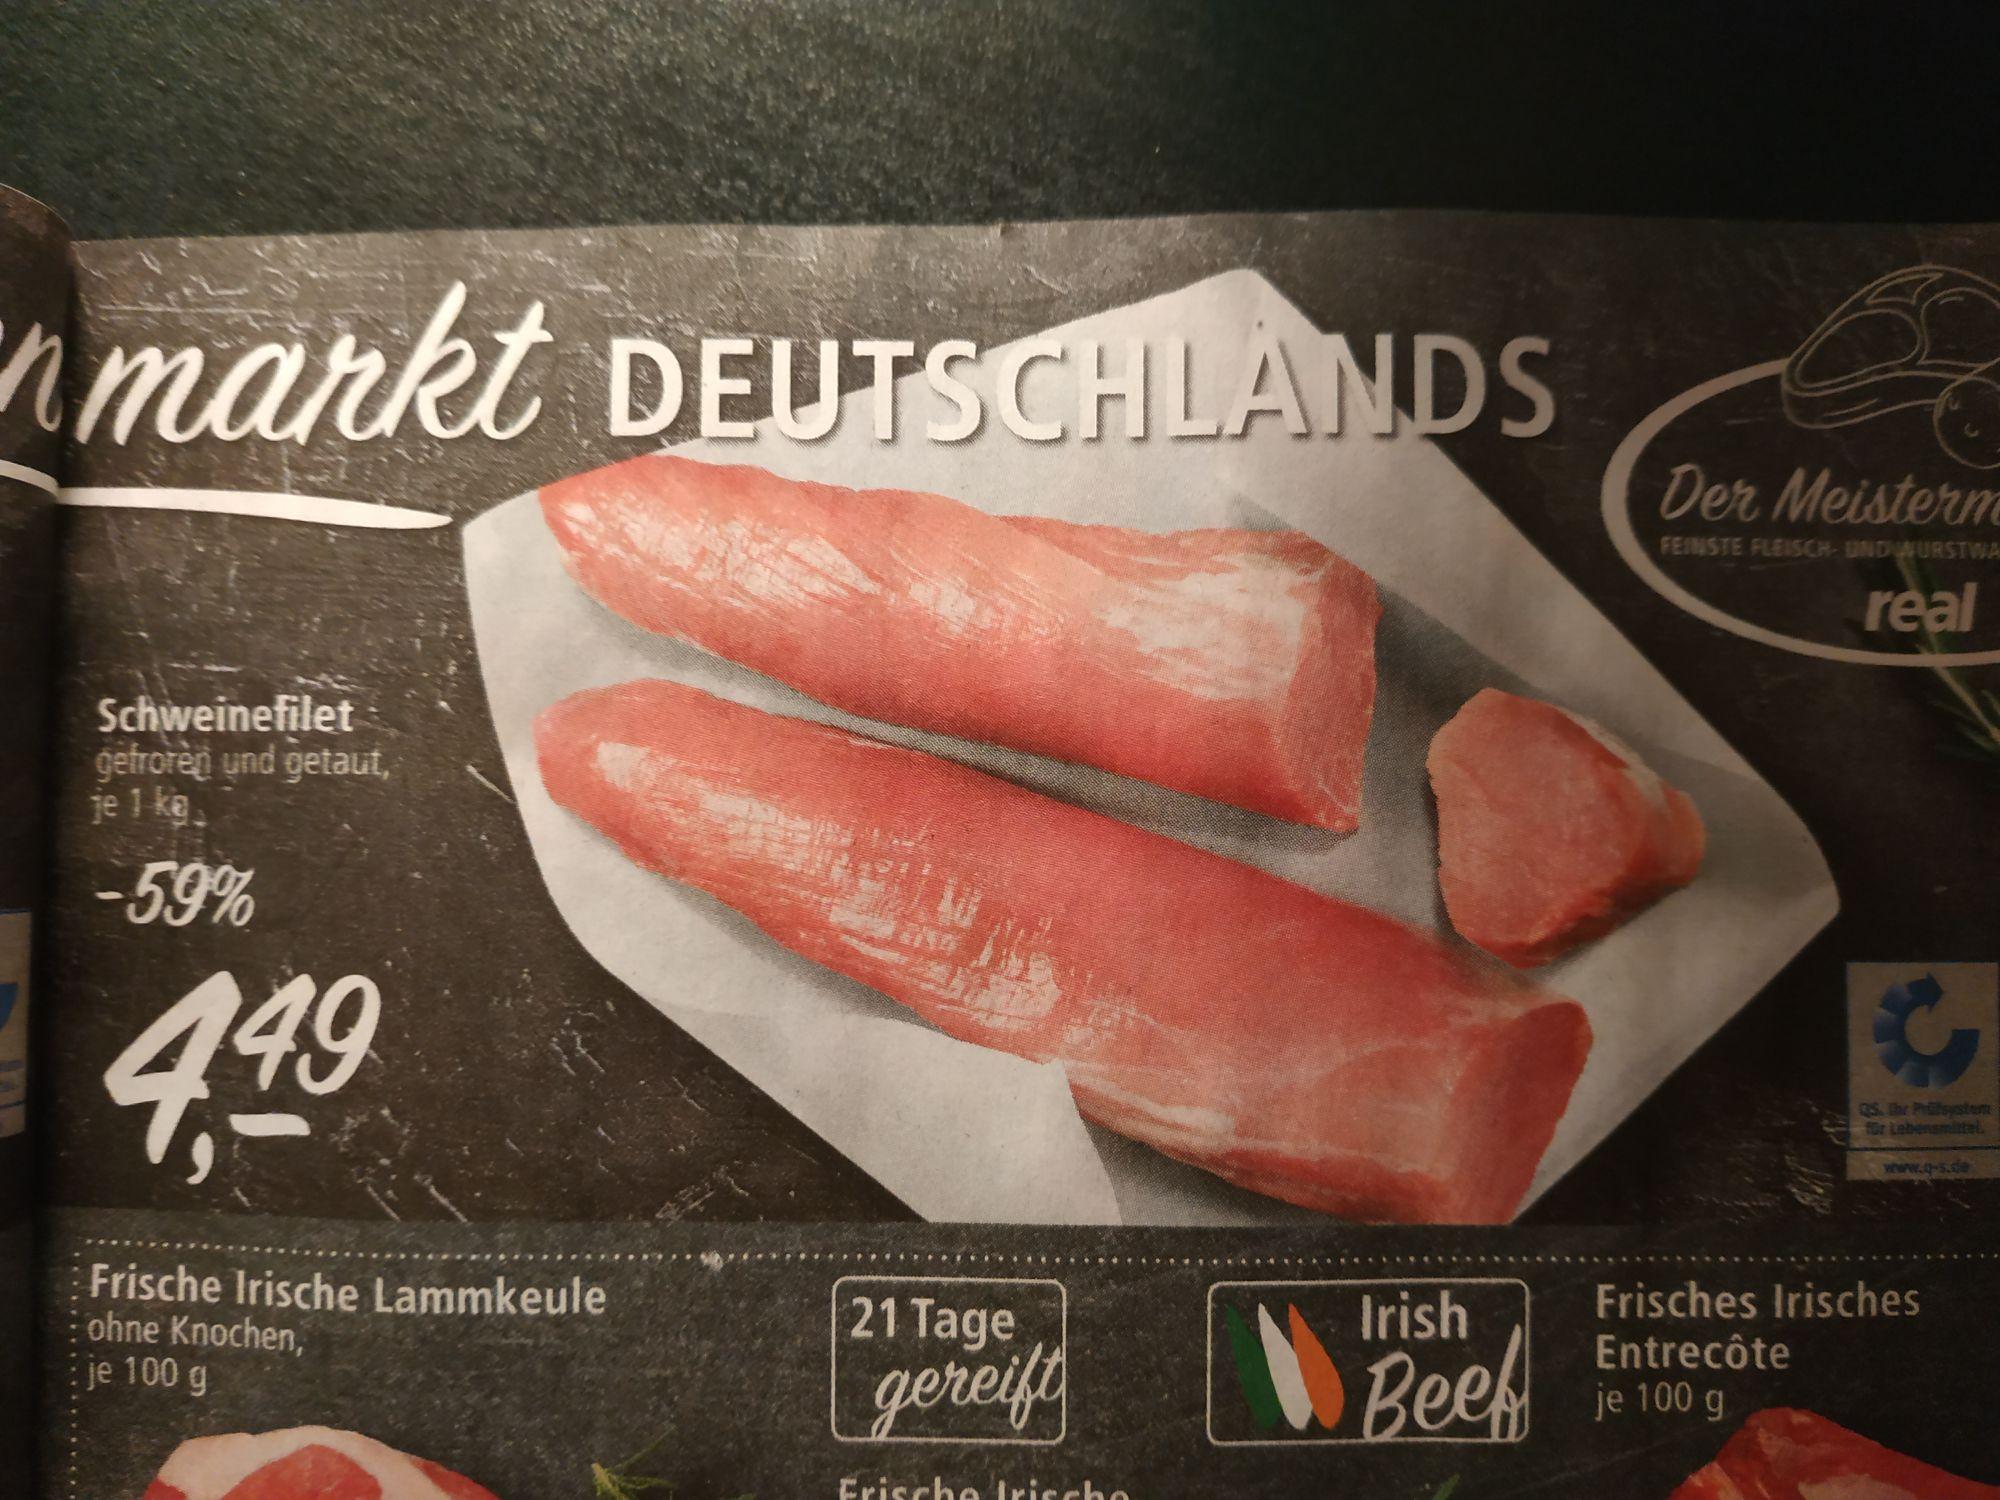 [REAL] Schweinefilet 4,49 € pro kg.